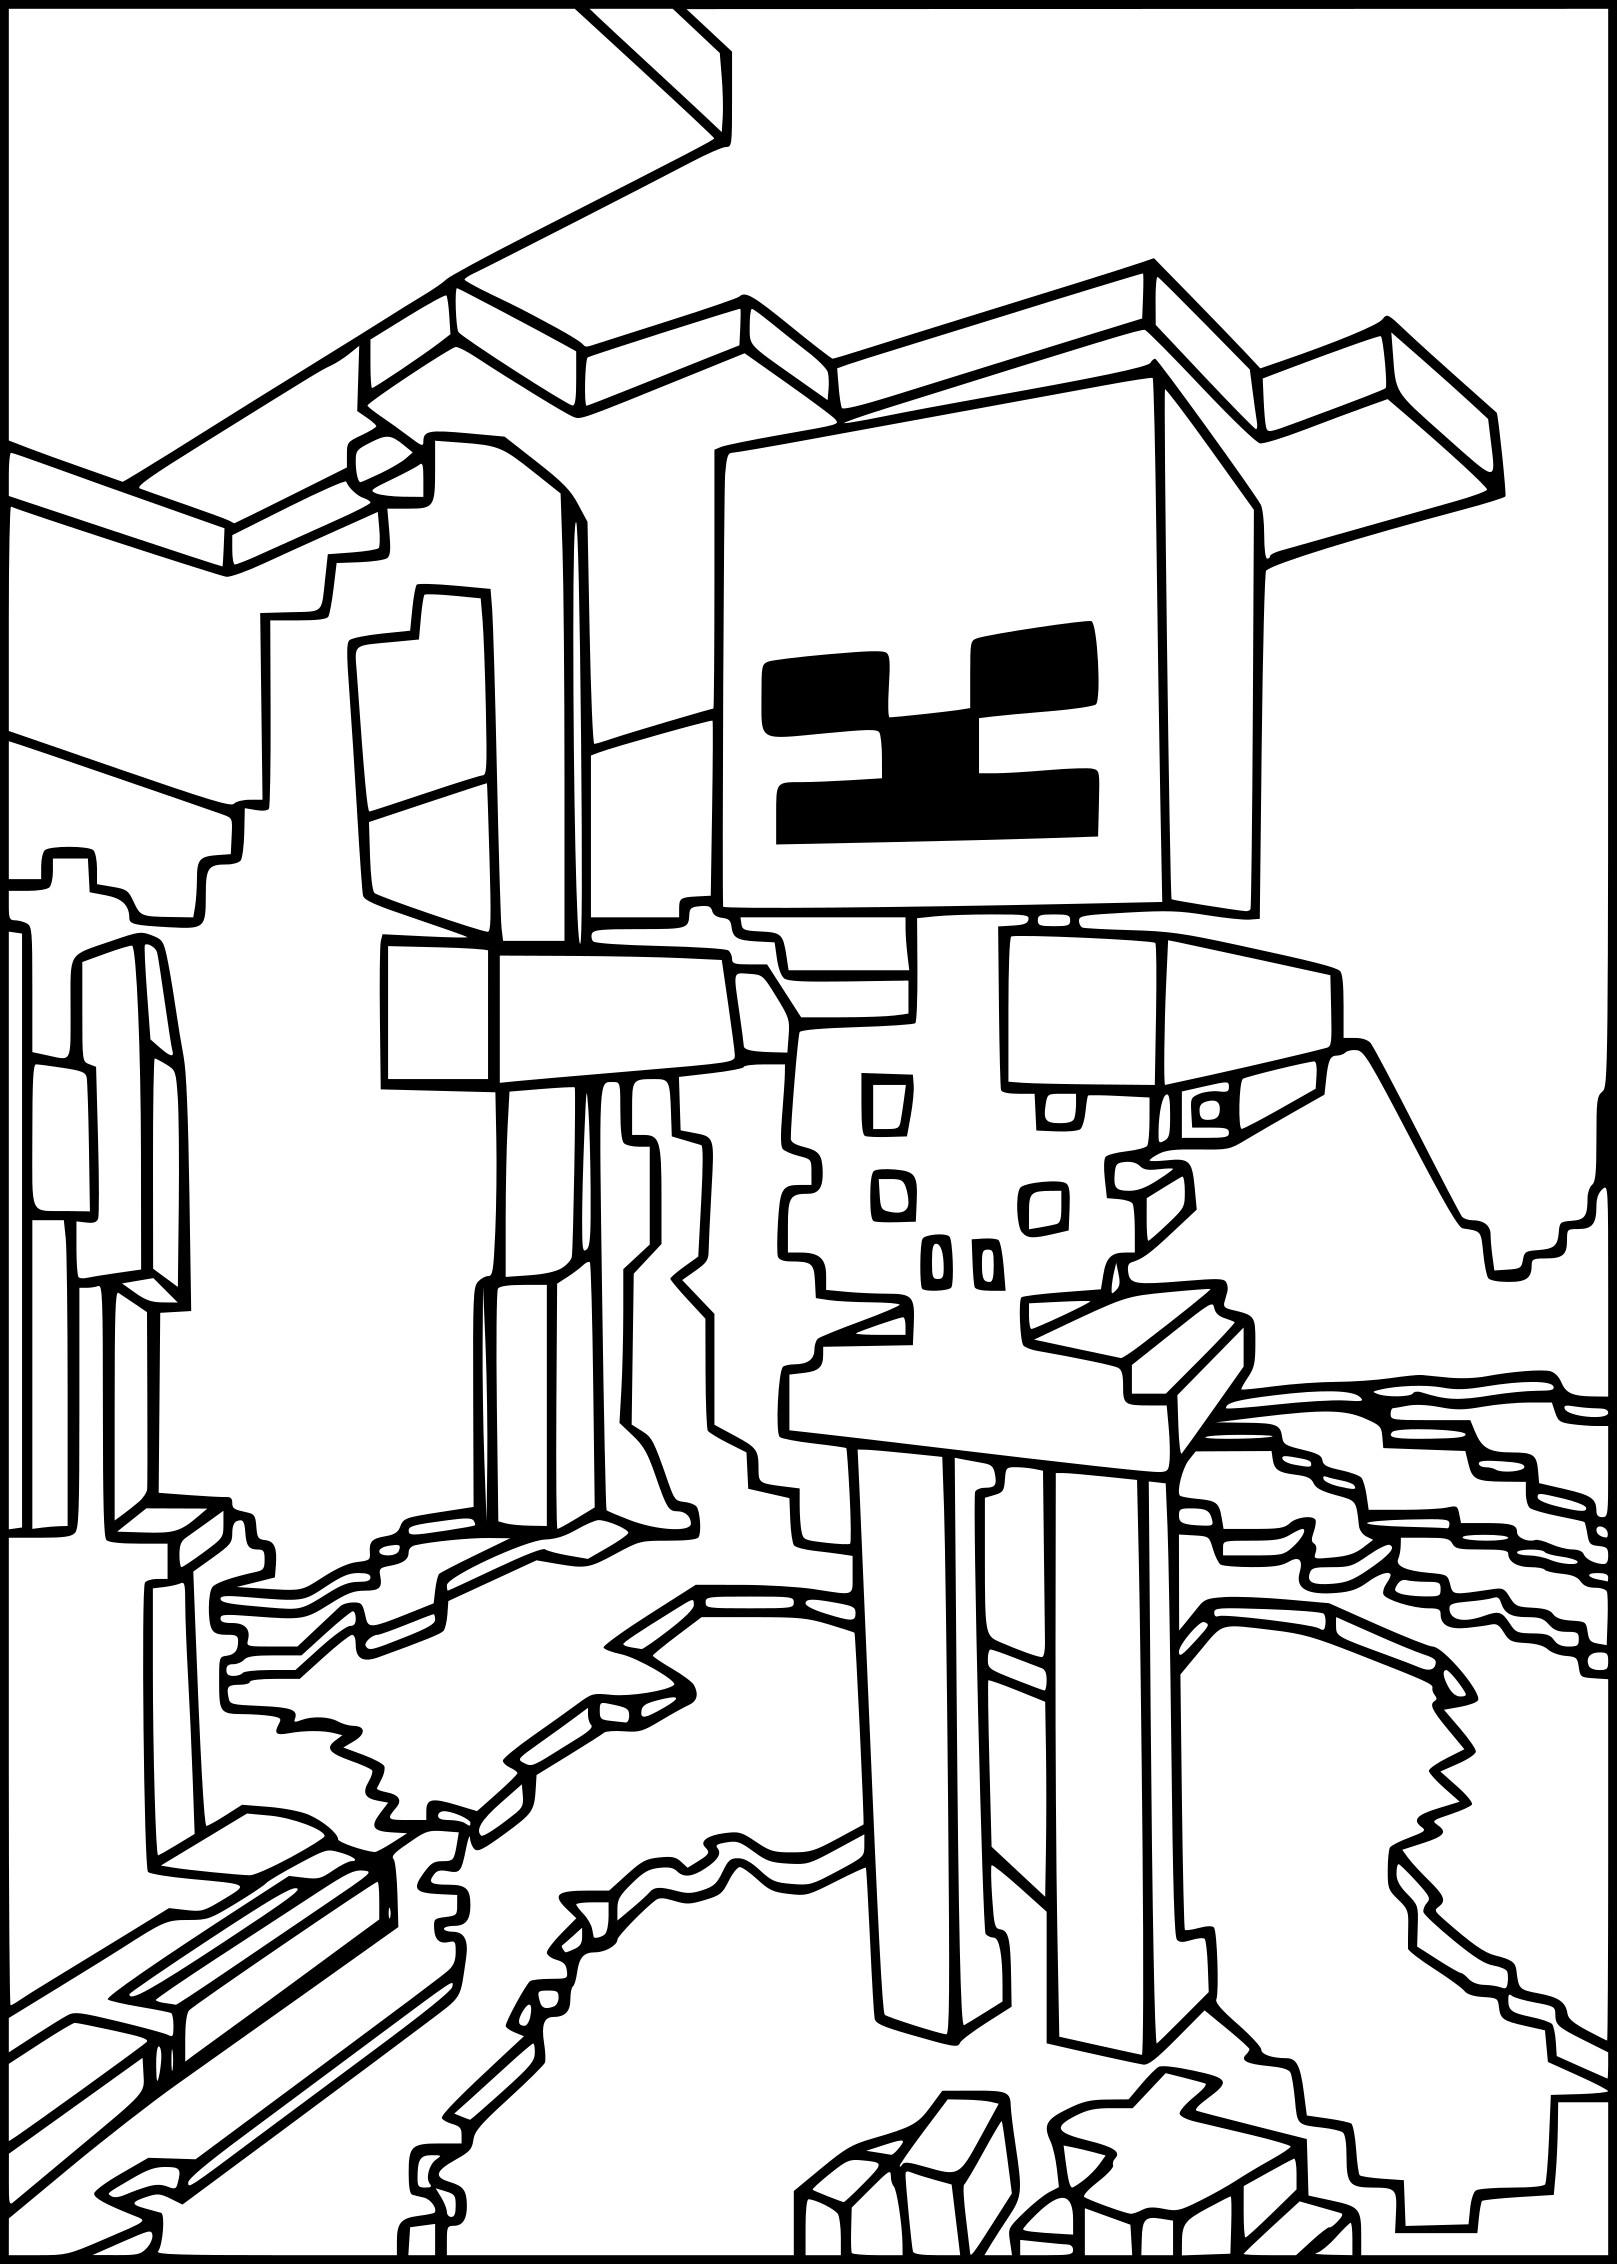 Coloriage Squelette Minecraft À Imprimer dedans Coloriage Minecraft